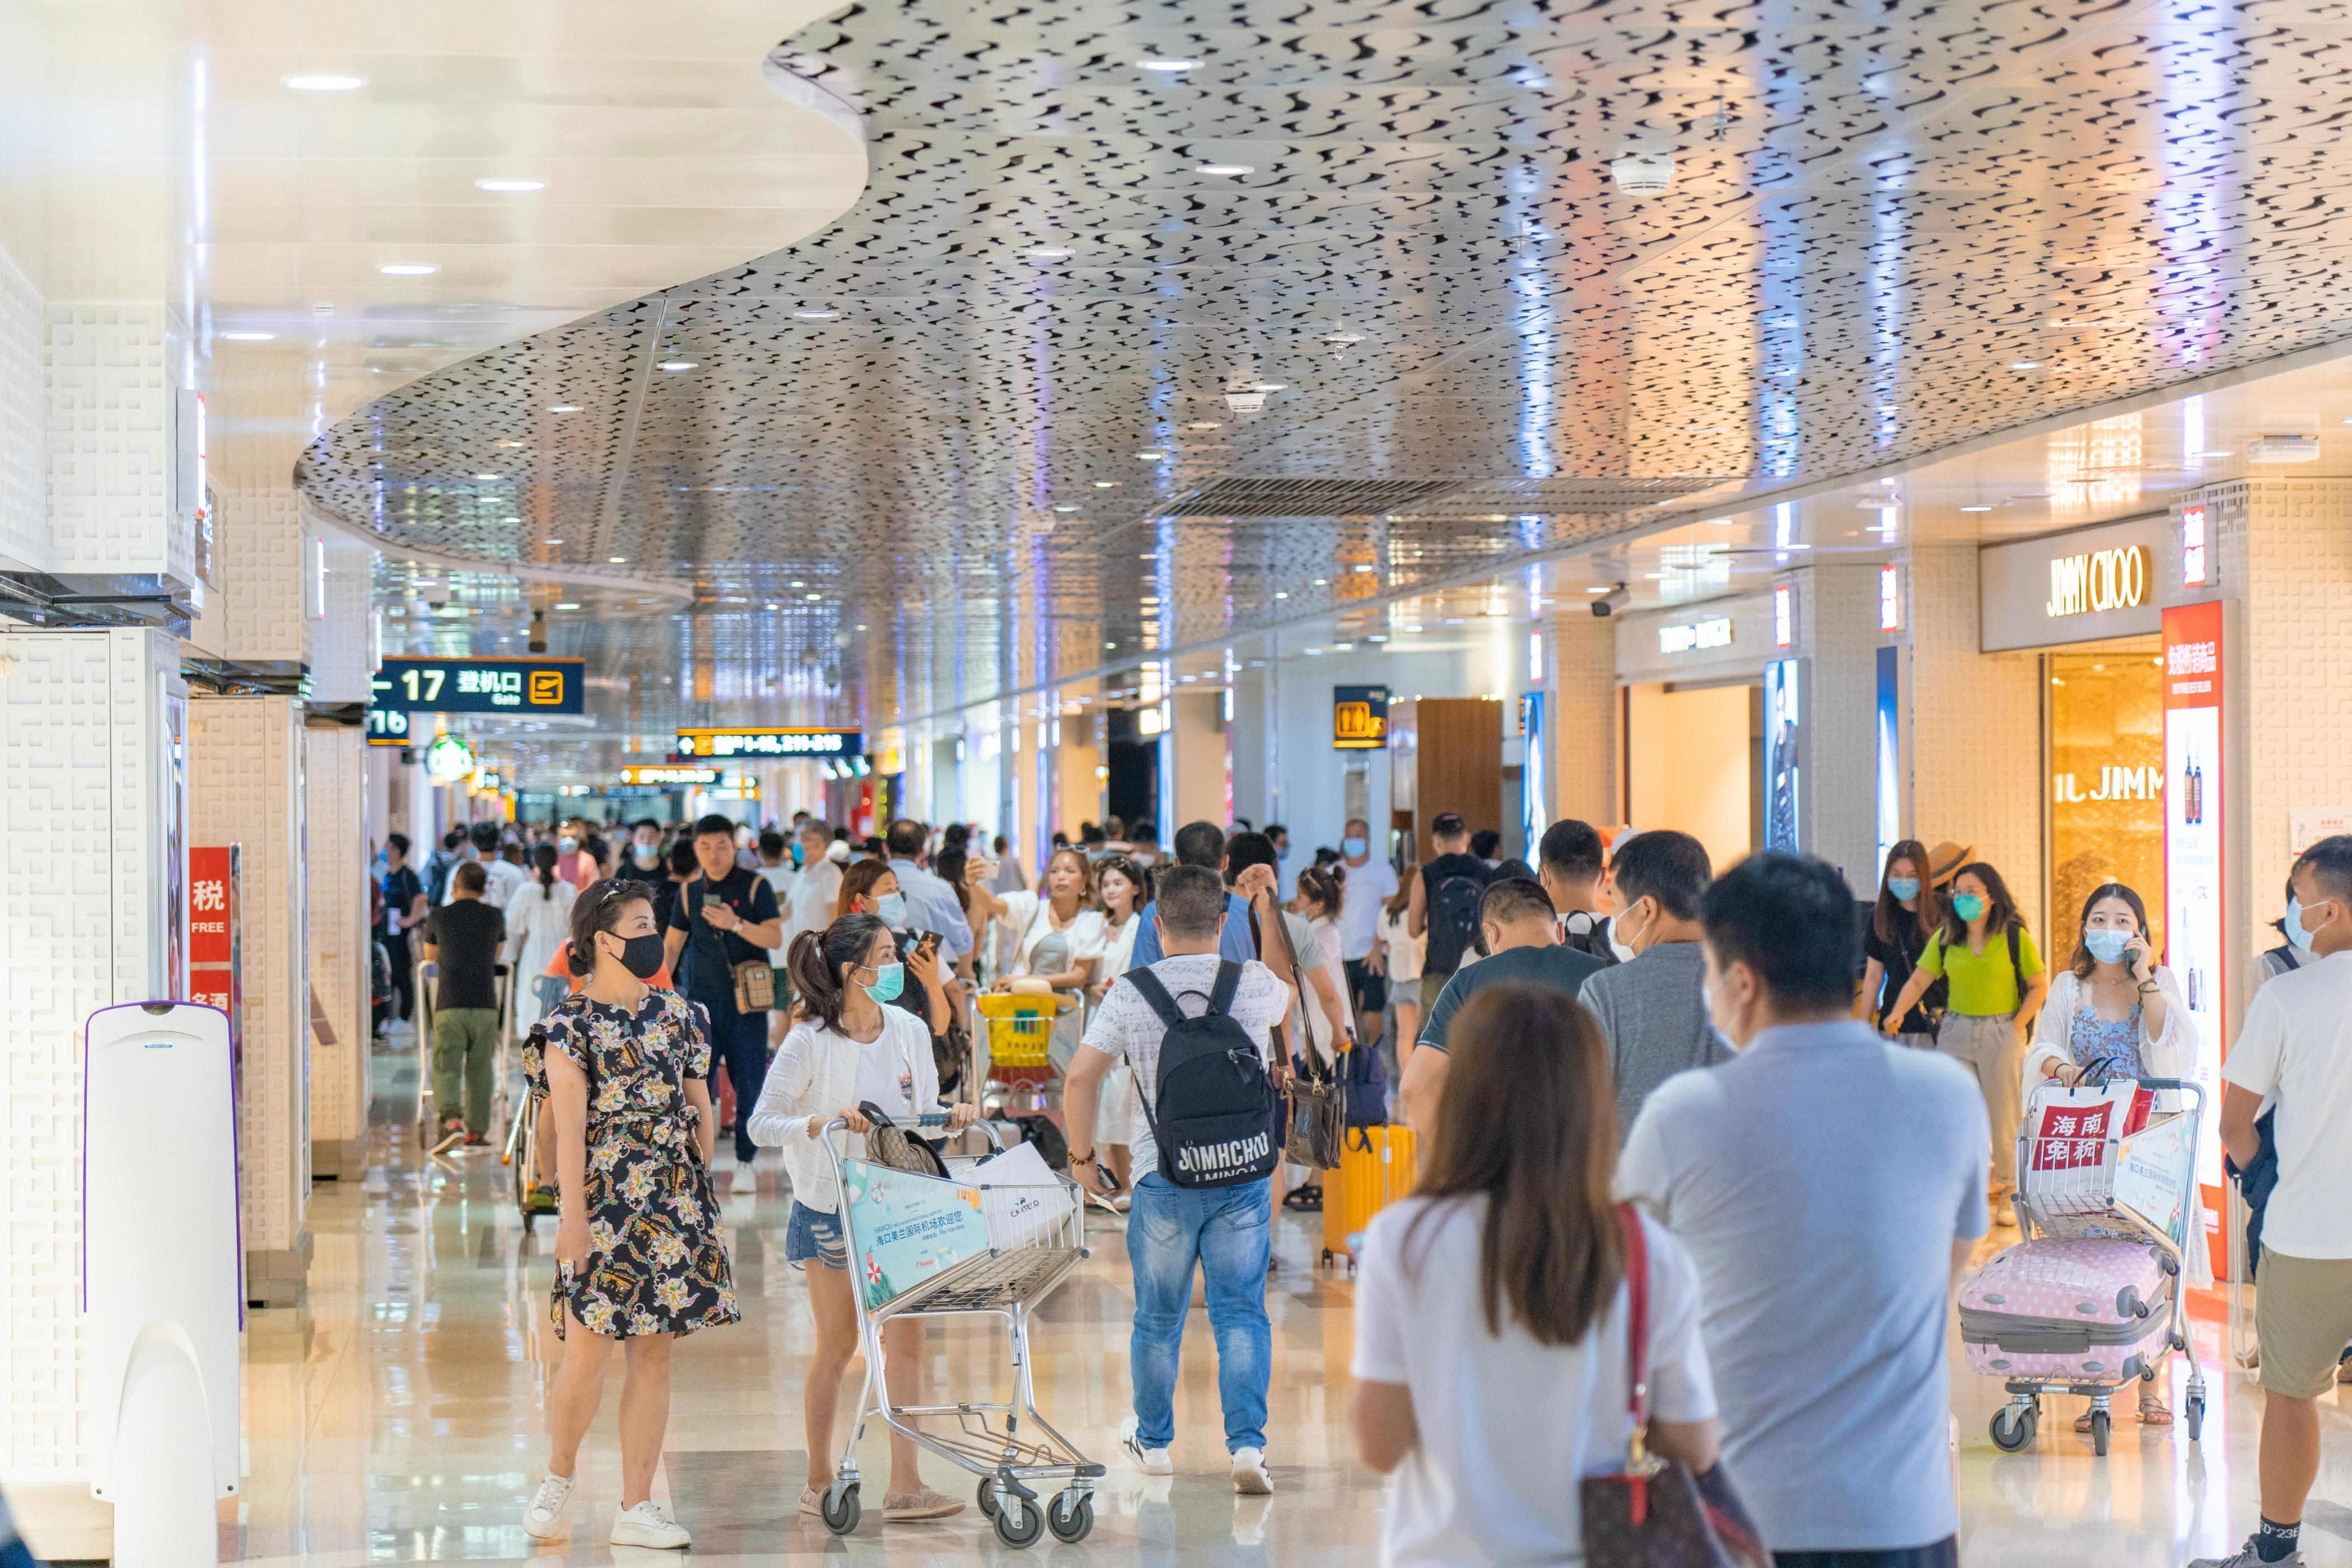 双节黄金周,海南三大机场客流创新高 助力免税销售额增长